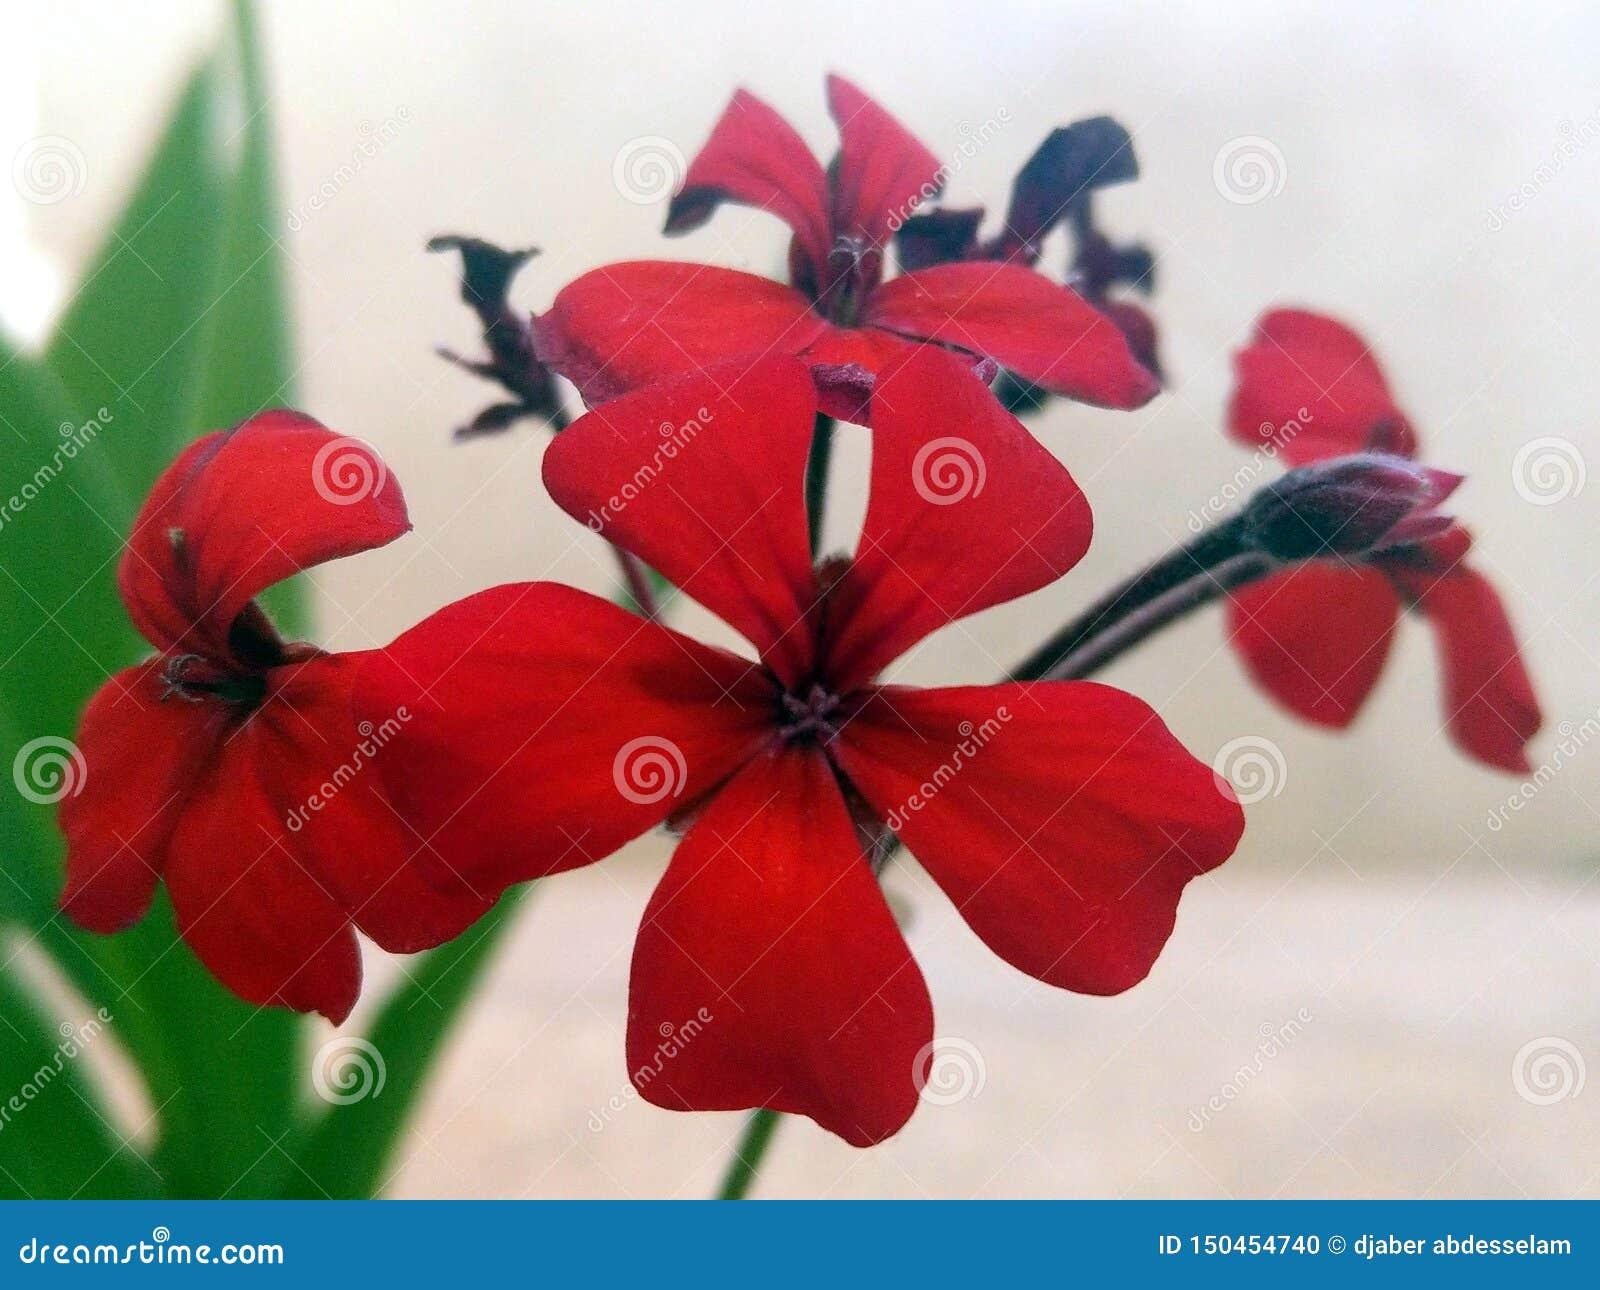 R?da blommor med fem kronblad